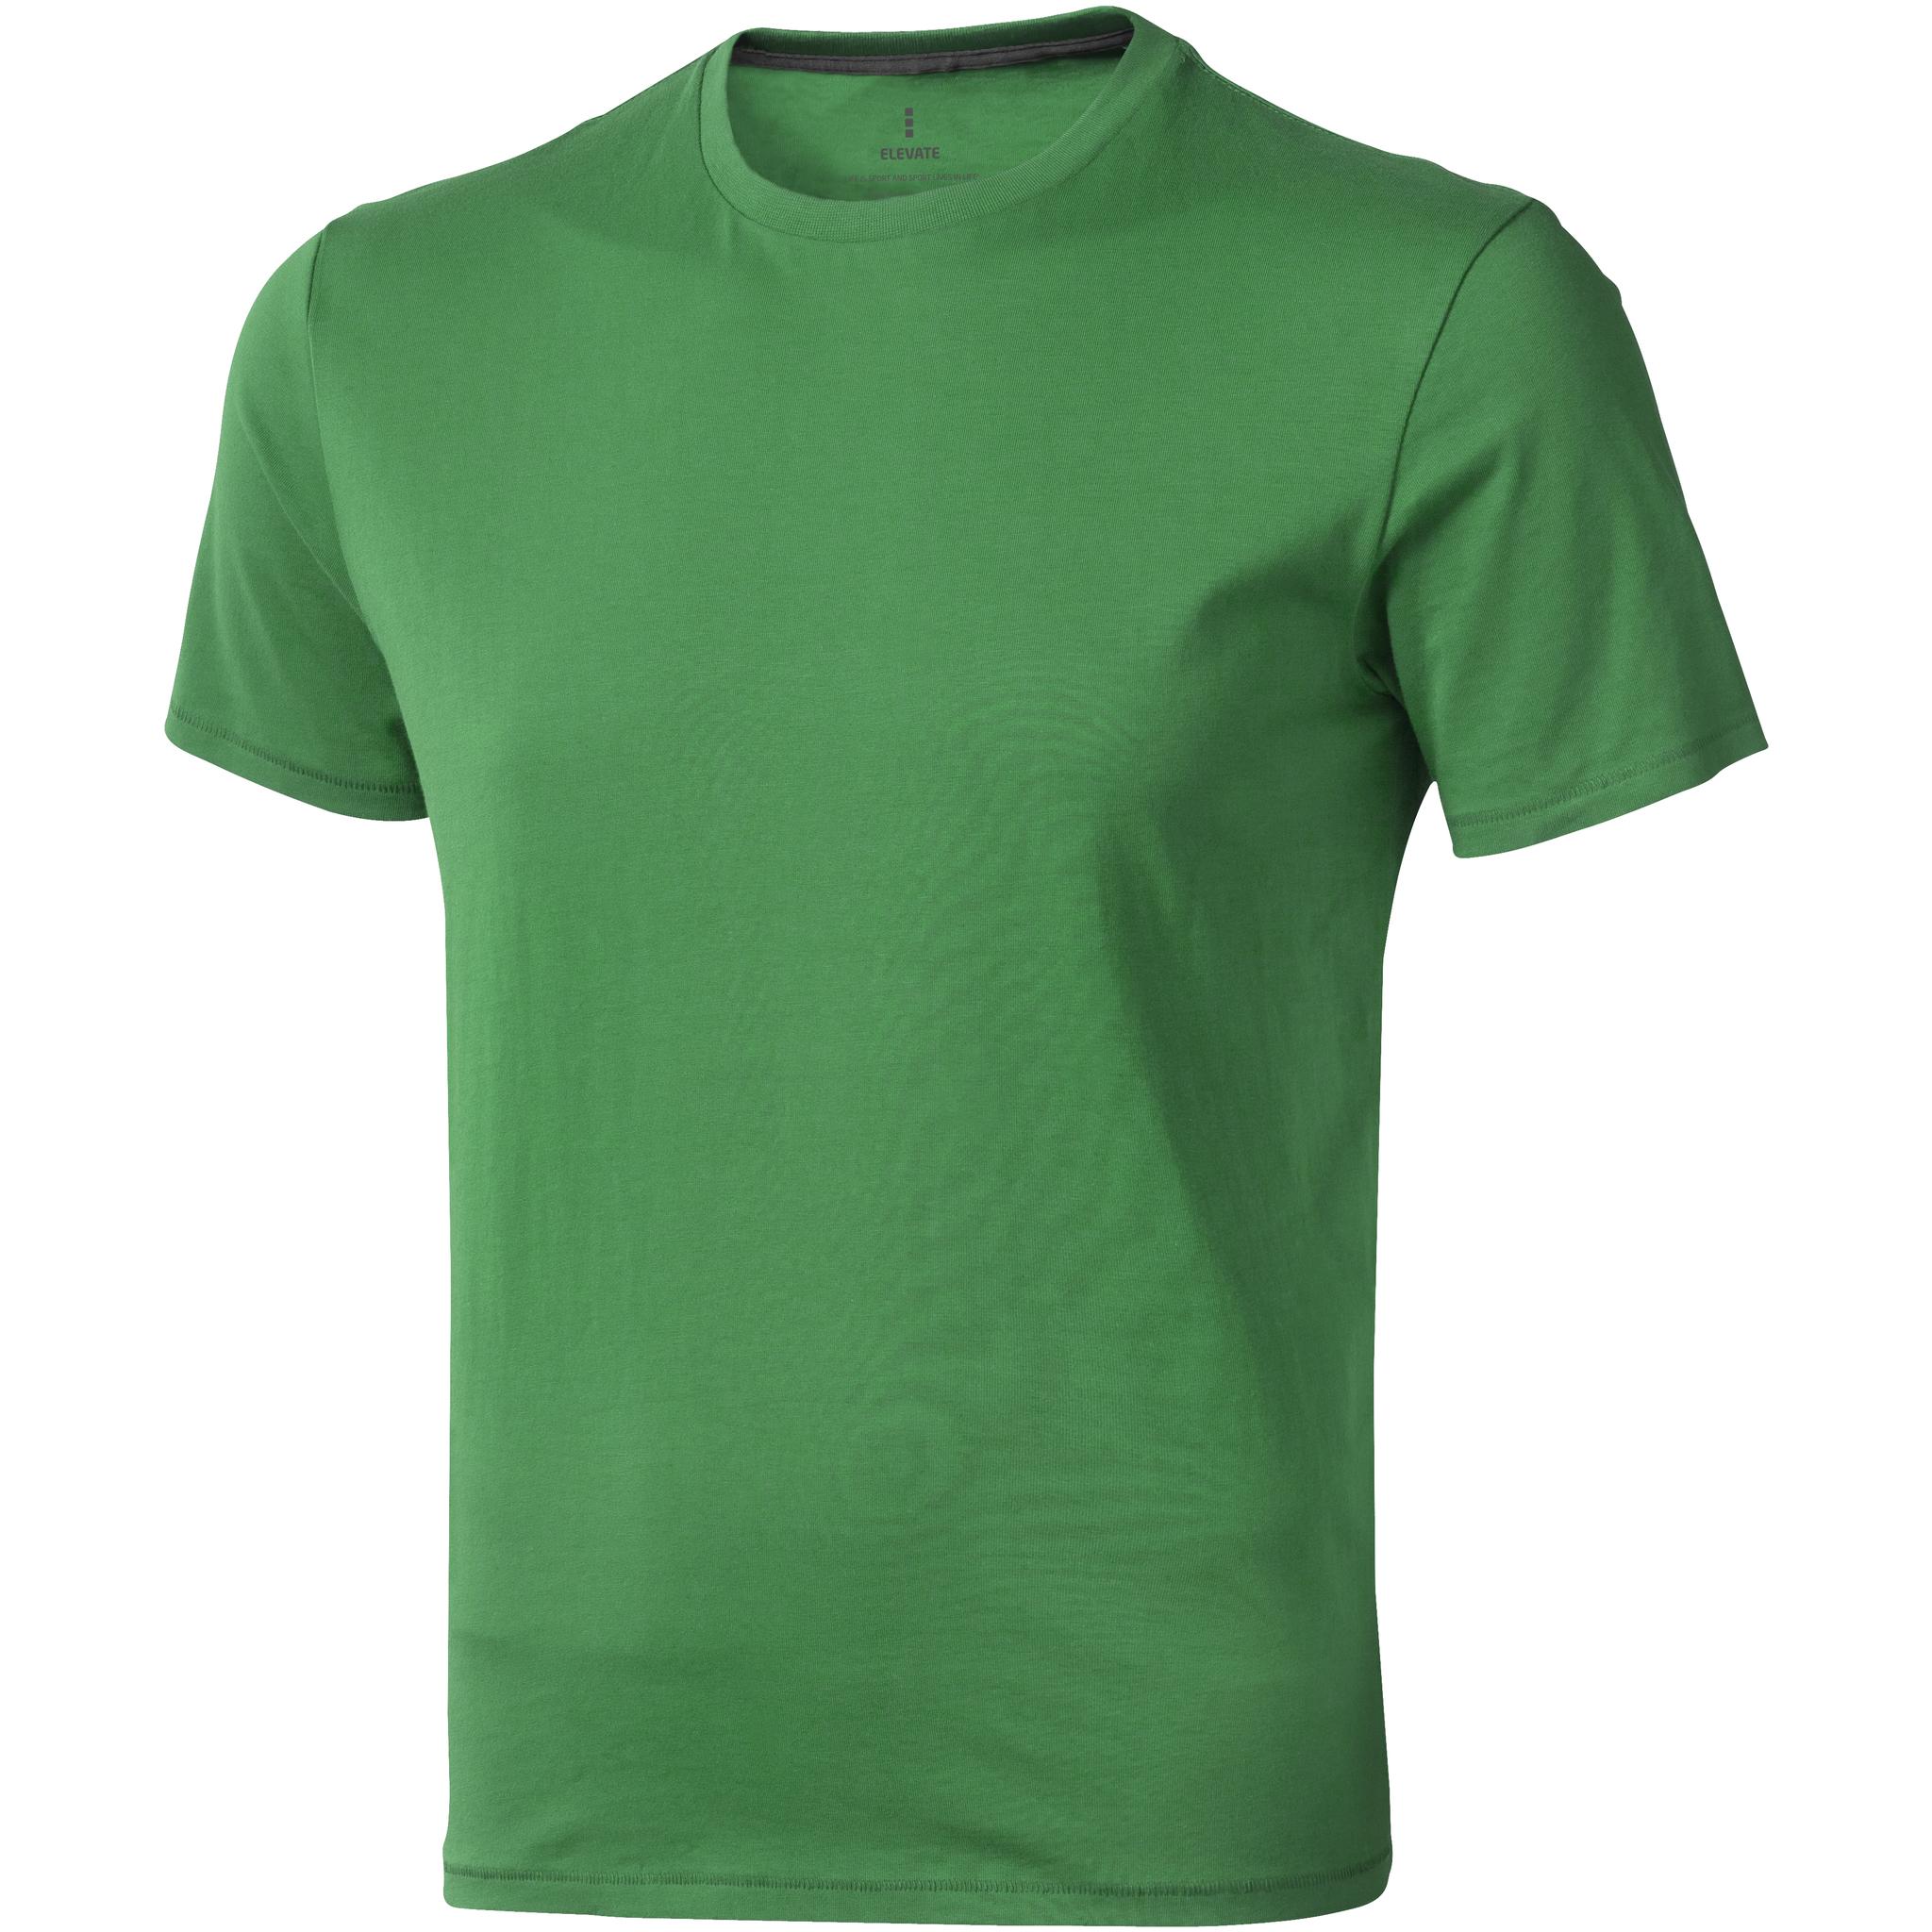 Elevate-Mens-Nanaimo-Short-Sleeve-T-Shirt-PF1807 thumbnail 9